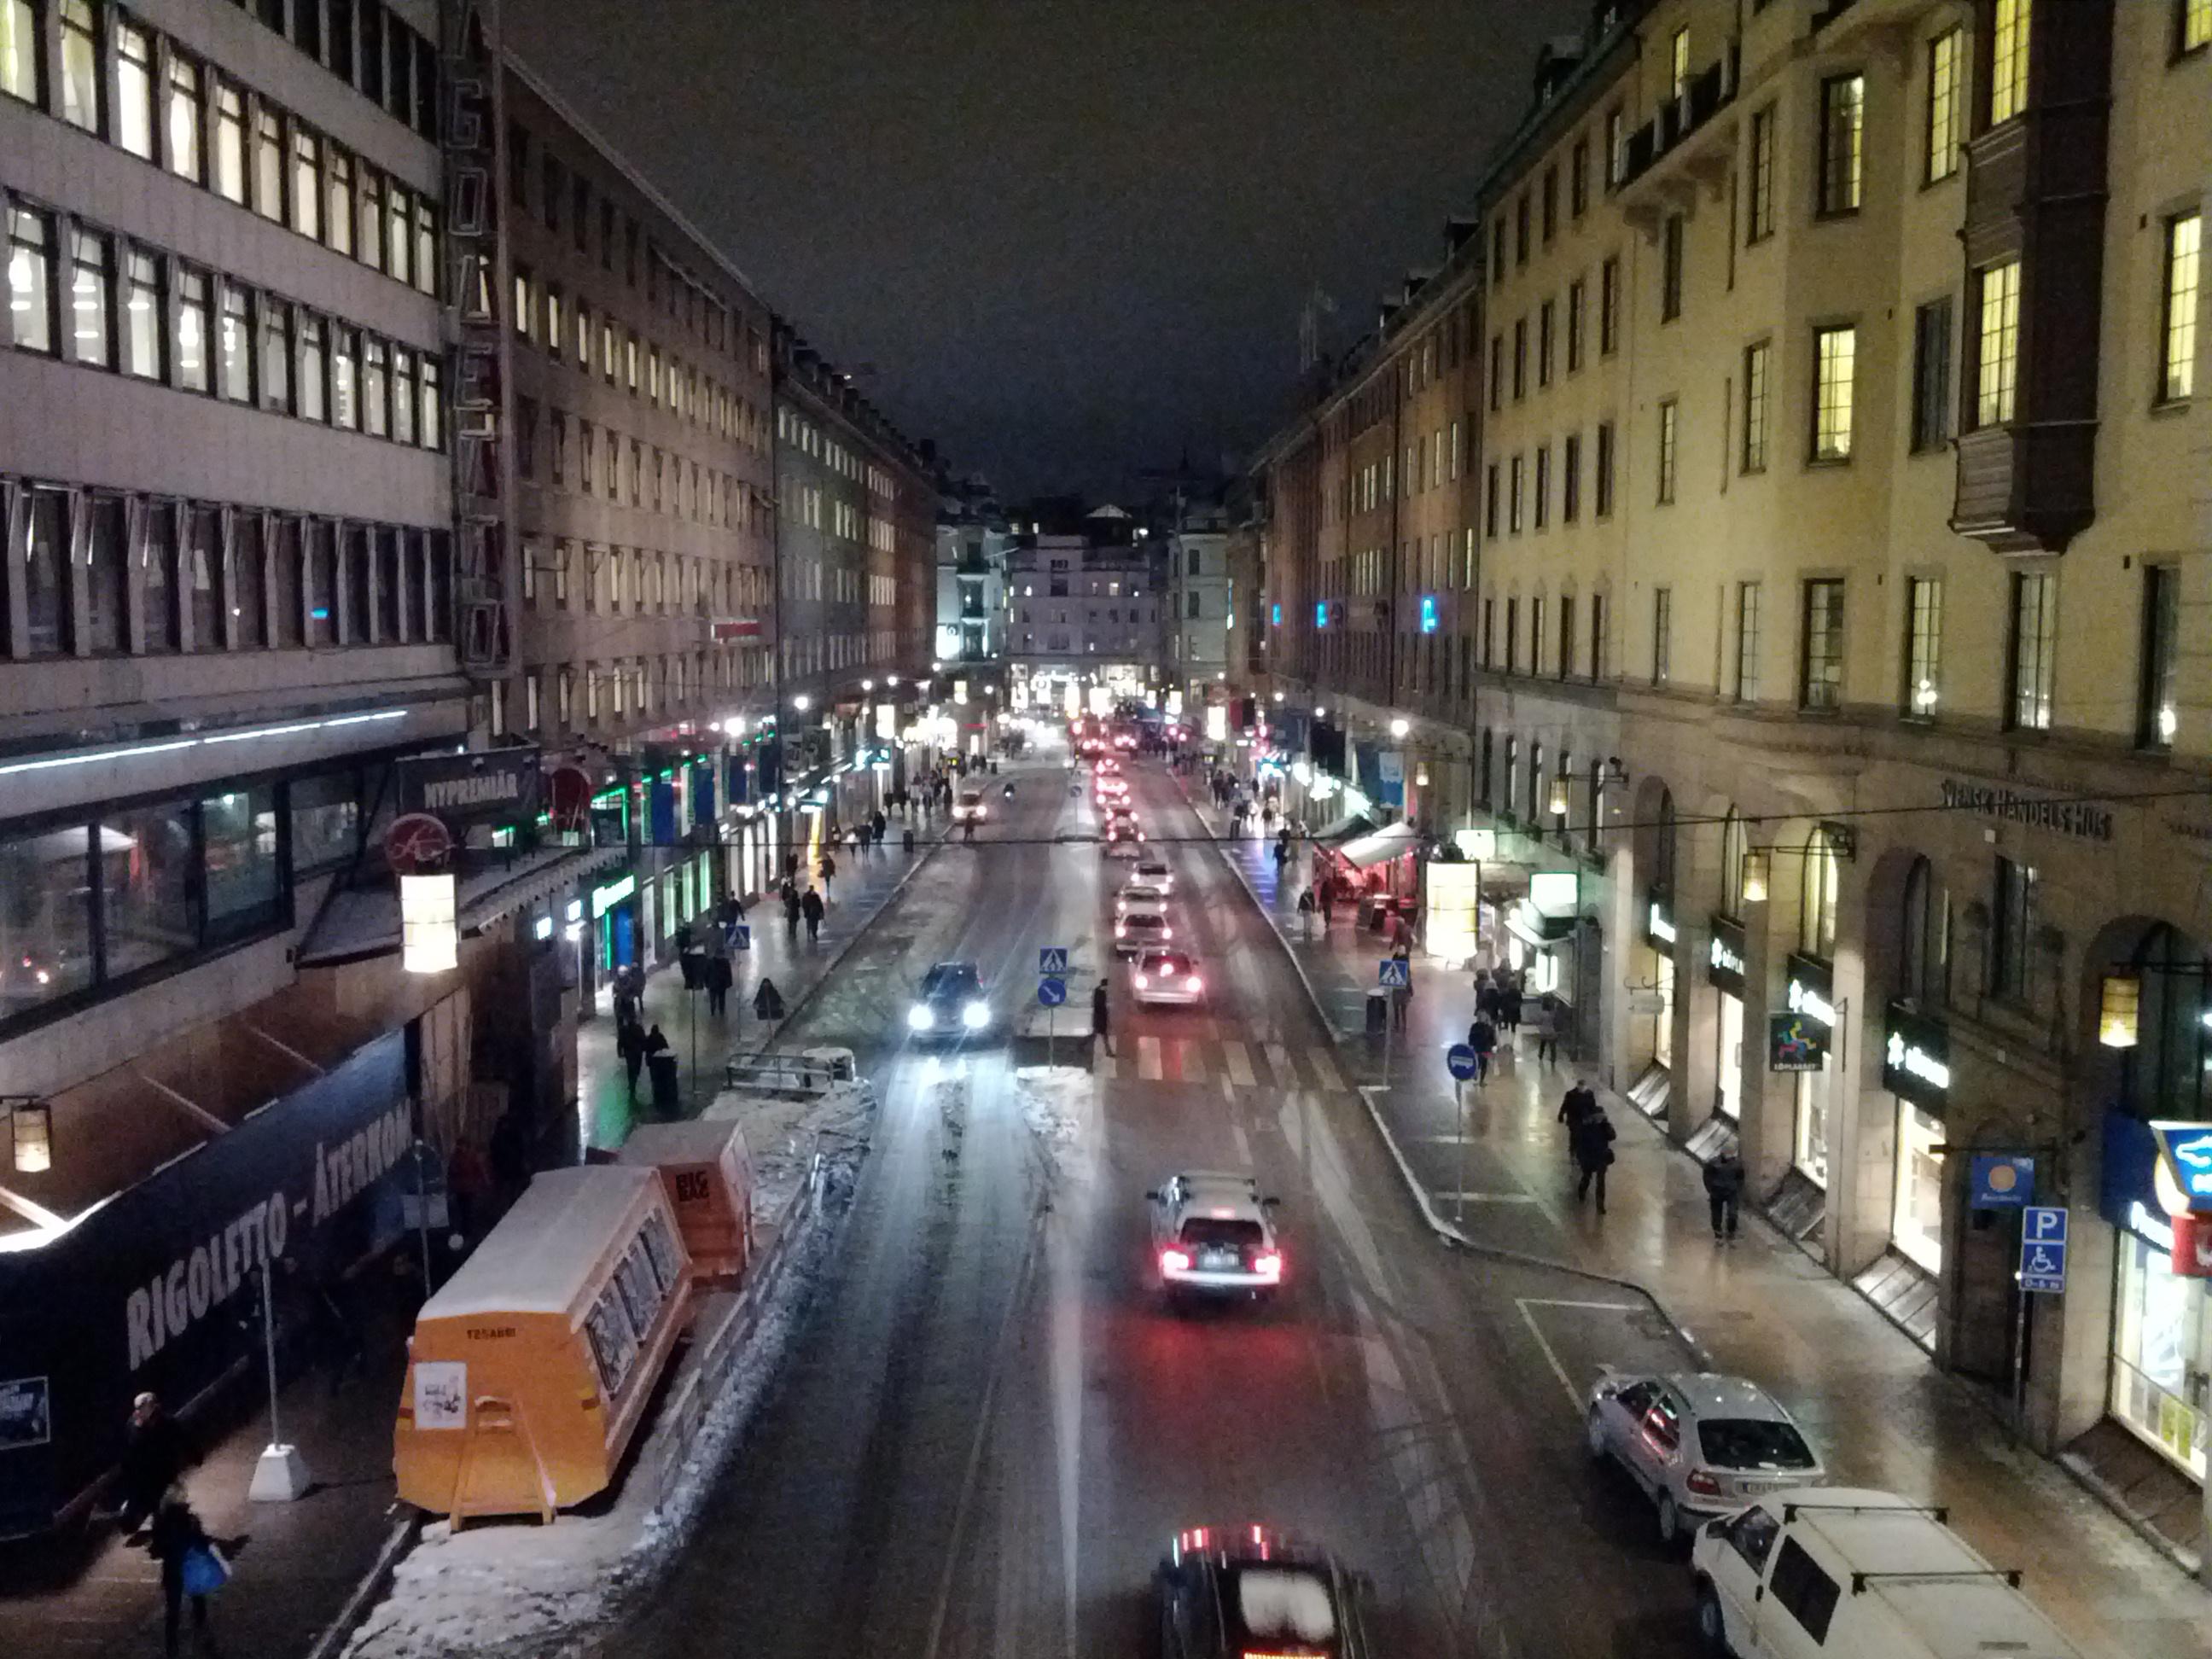 hudläkare kungsgatan stockholm